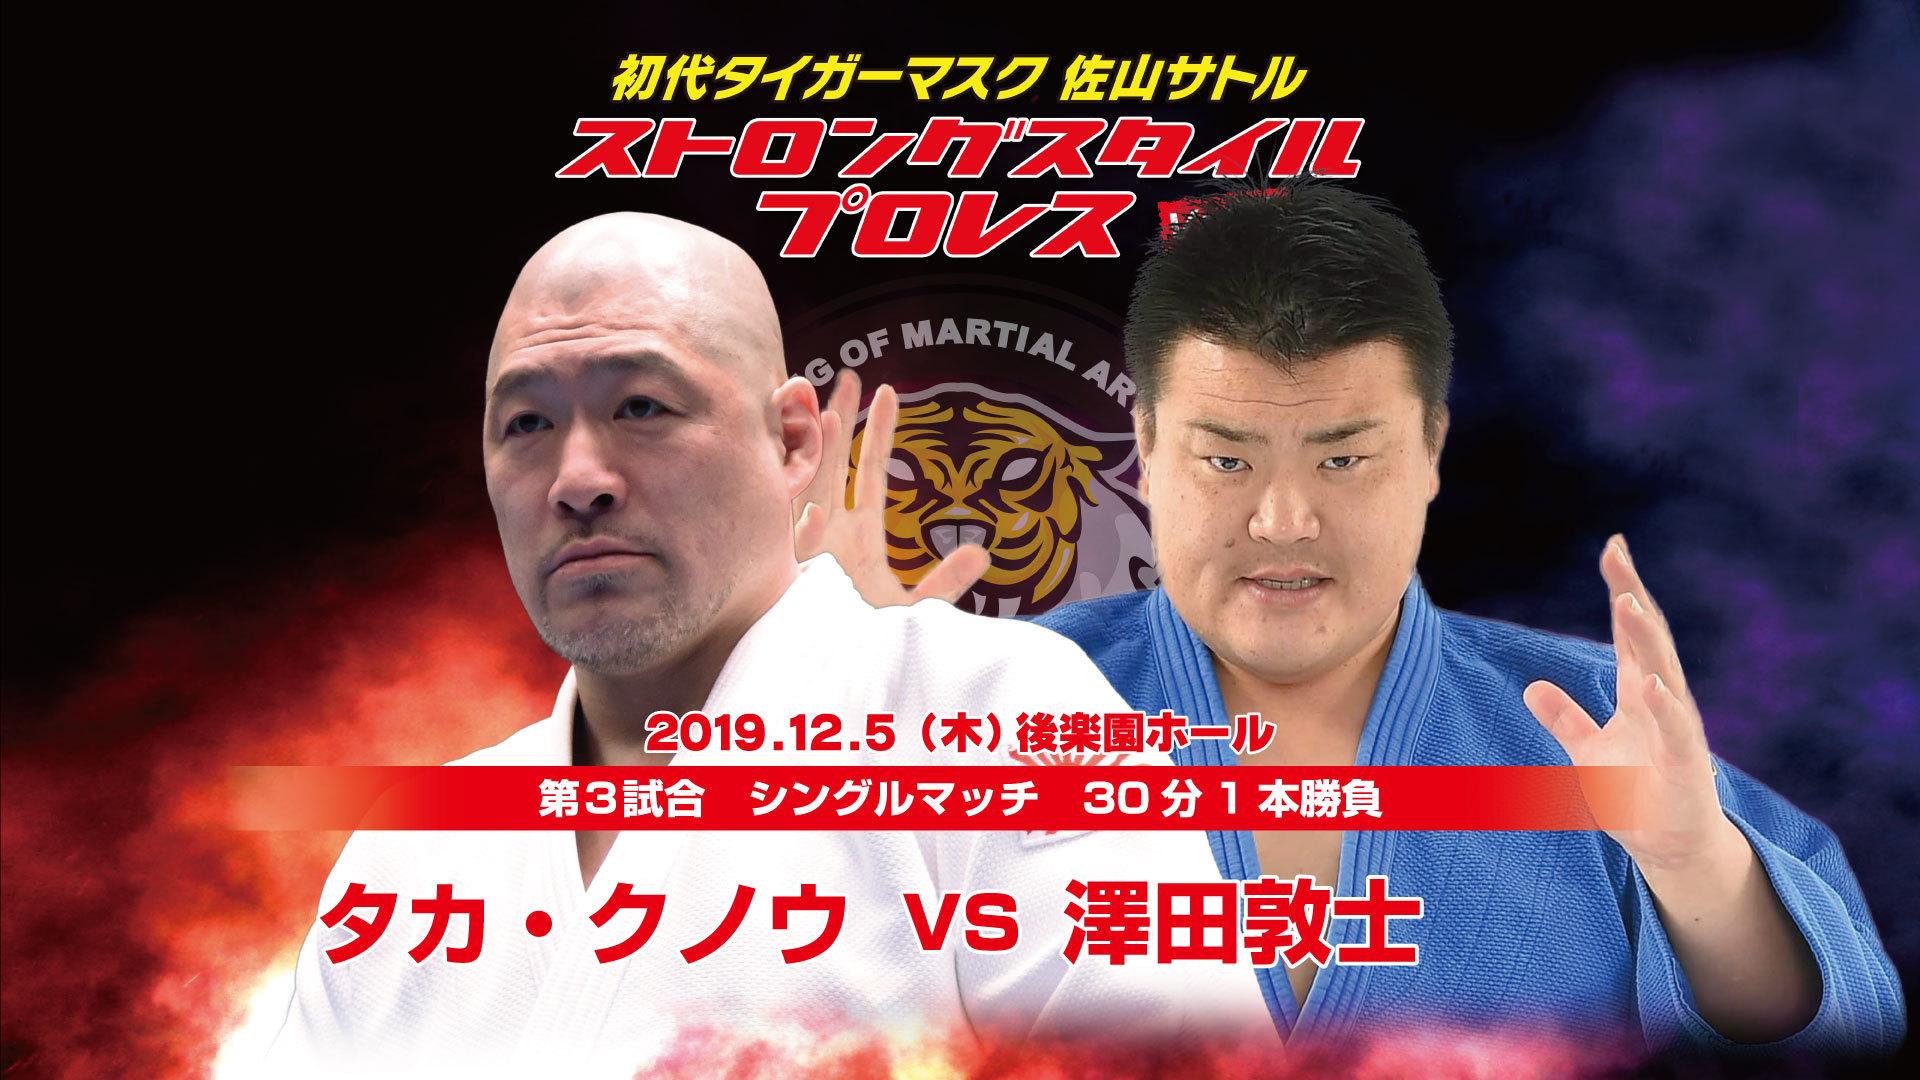 《第3試合 シングルマッチ 30分1本勝負》 タカ・クノウ(フリー)vs澤田敦士(フリー)